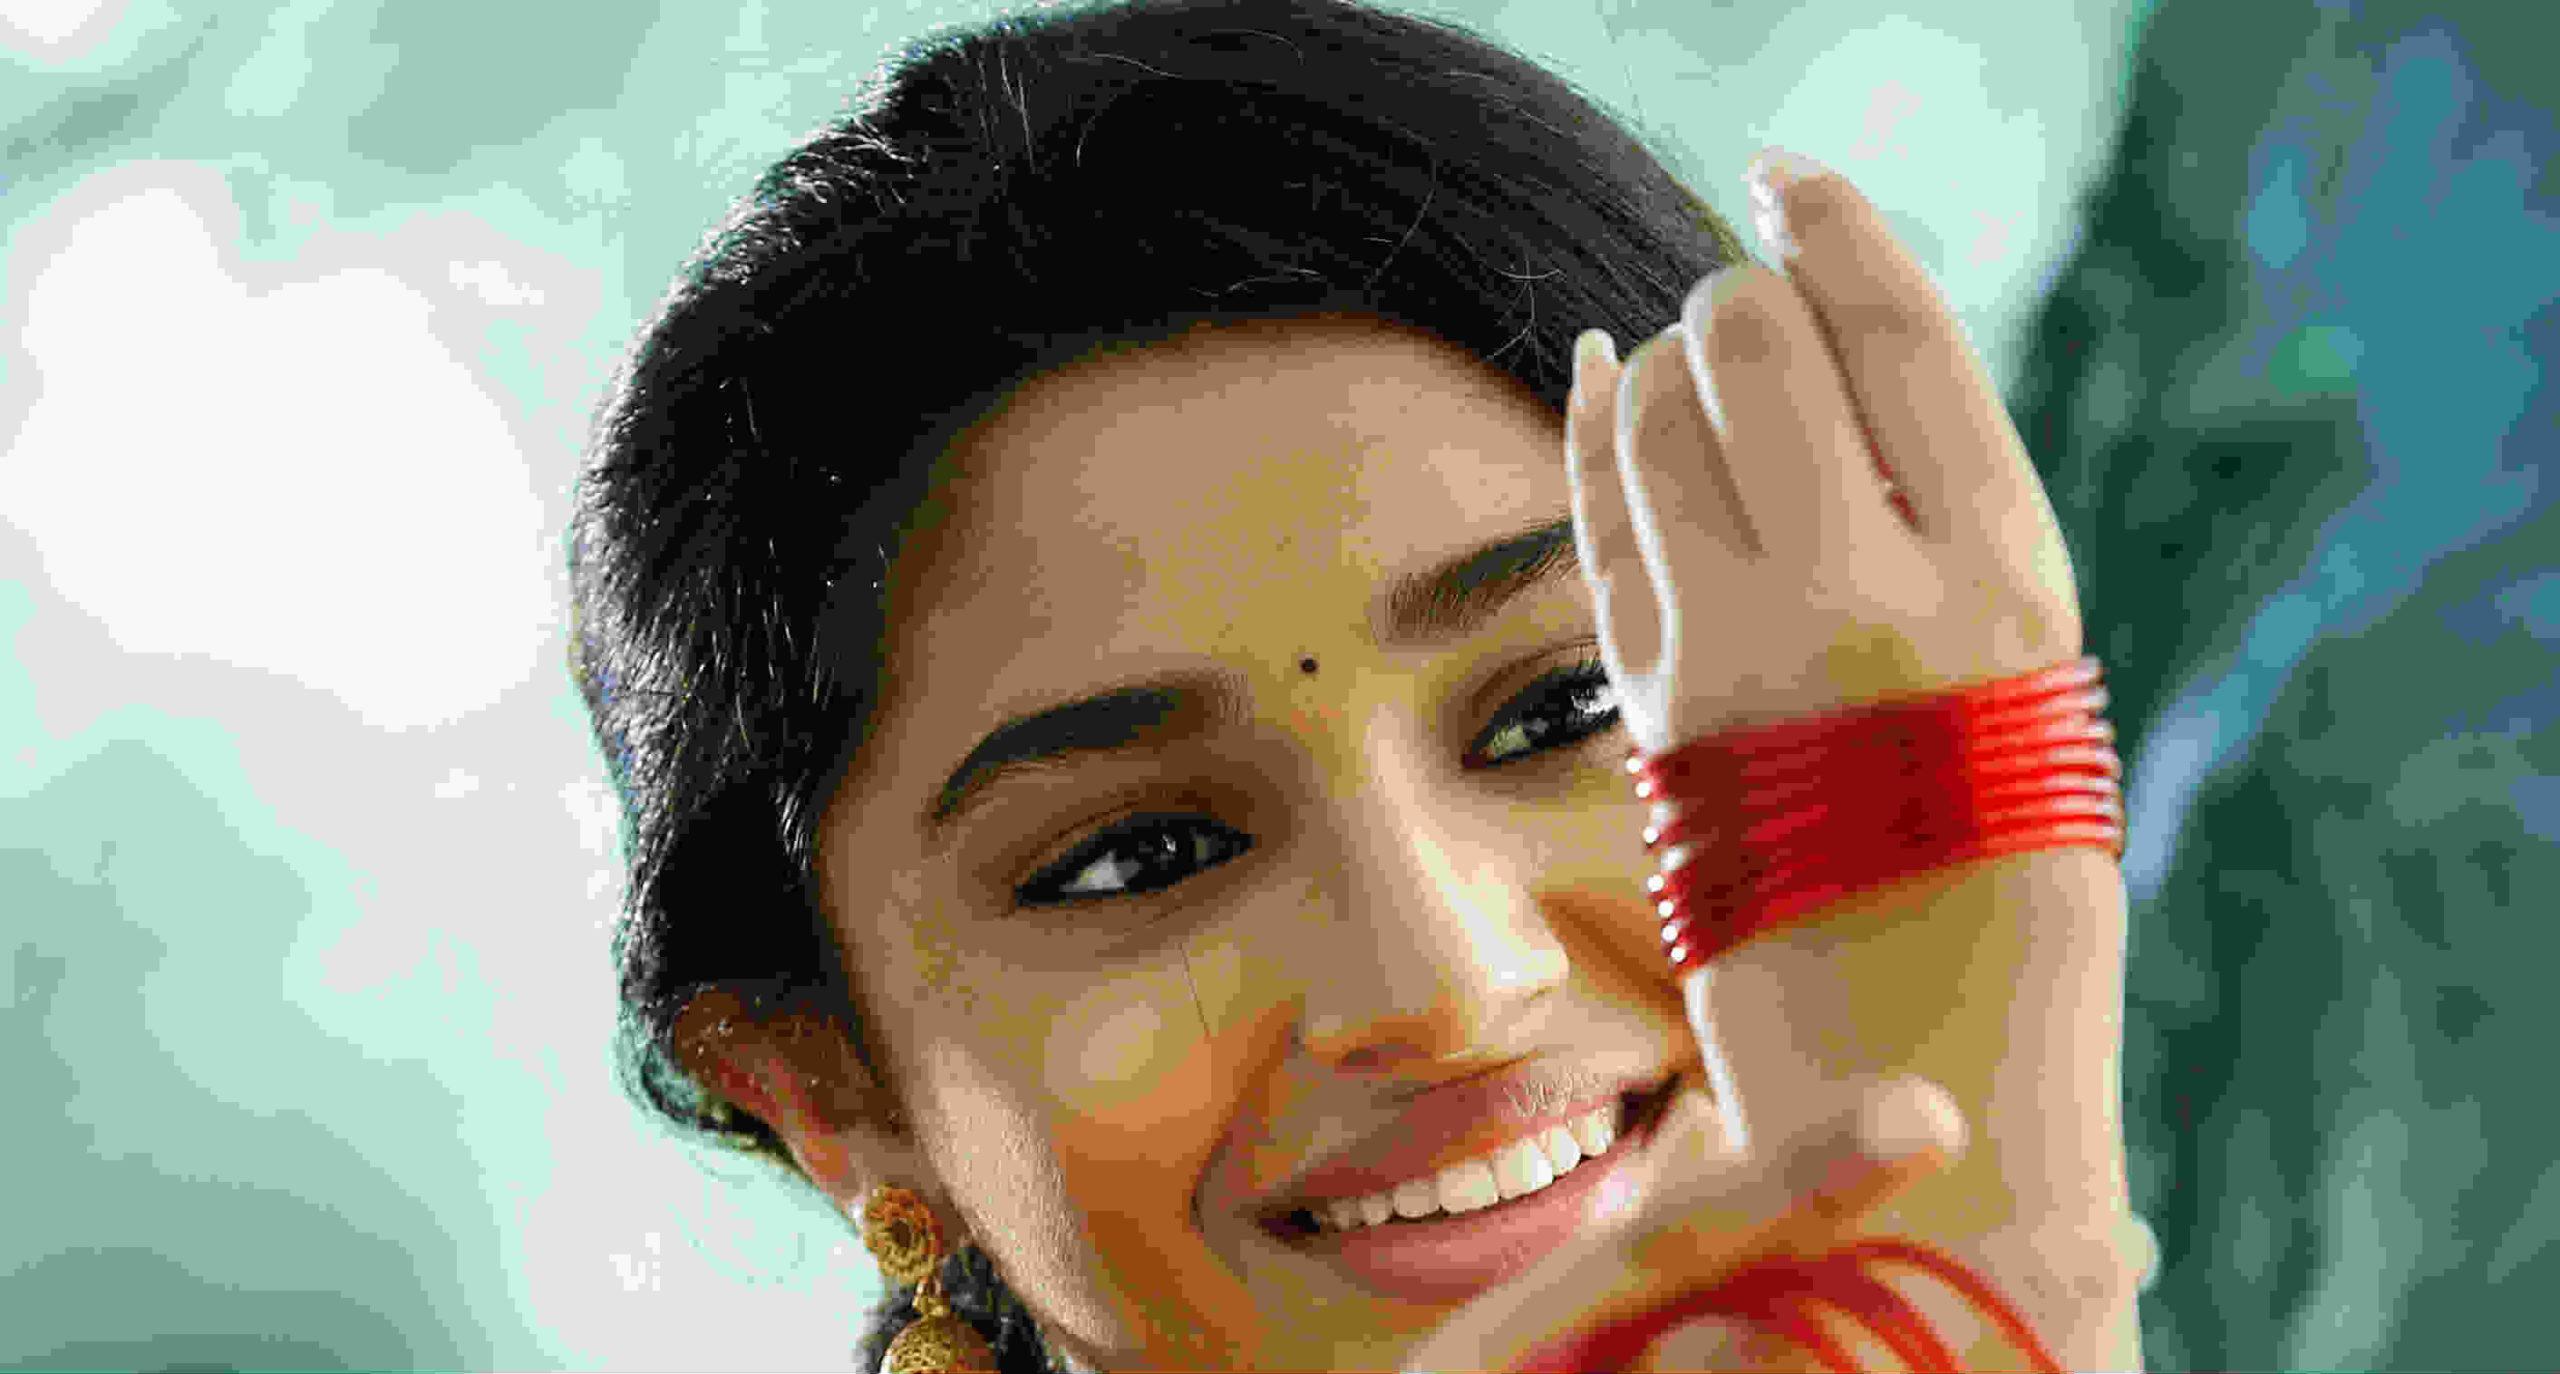 హీరోయిన్ కృతి శెట్టి బర్త్డే సందర్భంగా 'ఉప్పెన' చిత్రంలో పోస్టర్ విడుదల